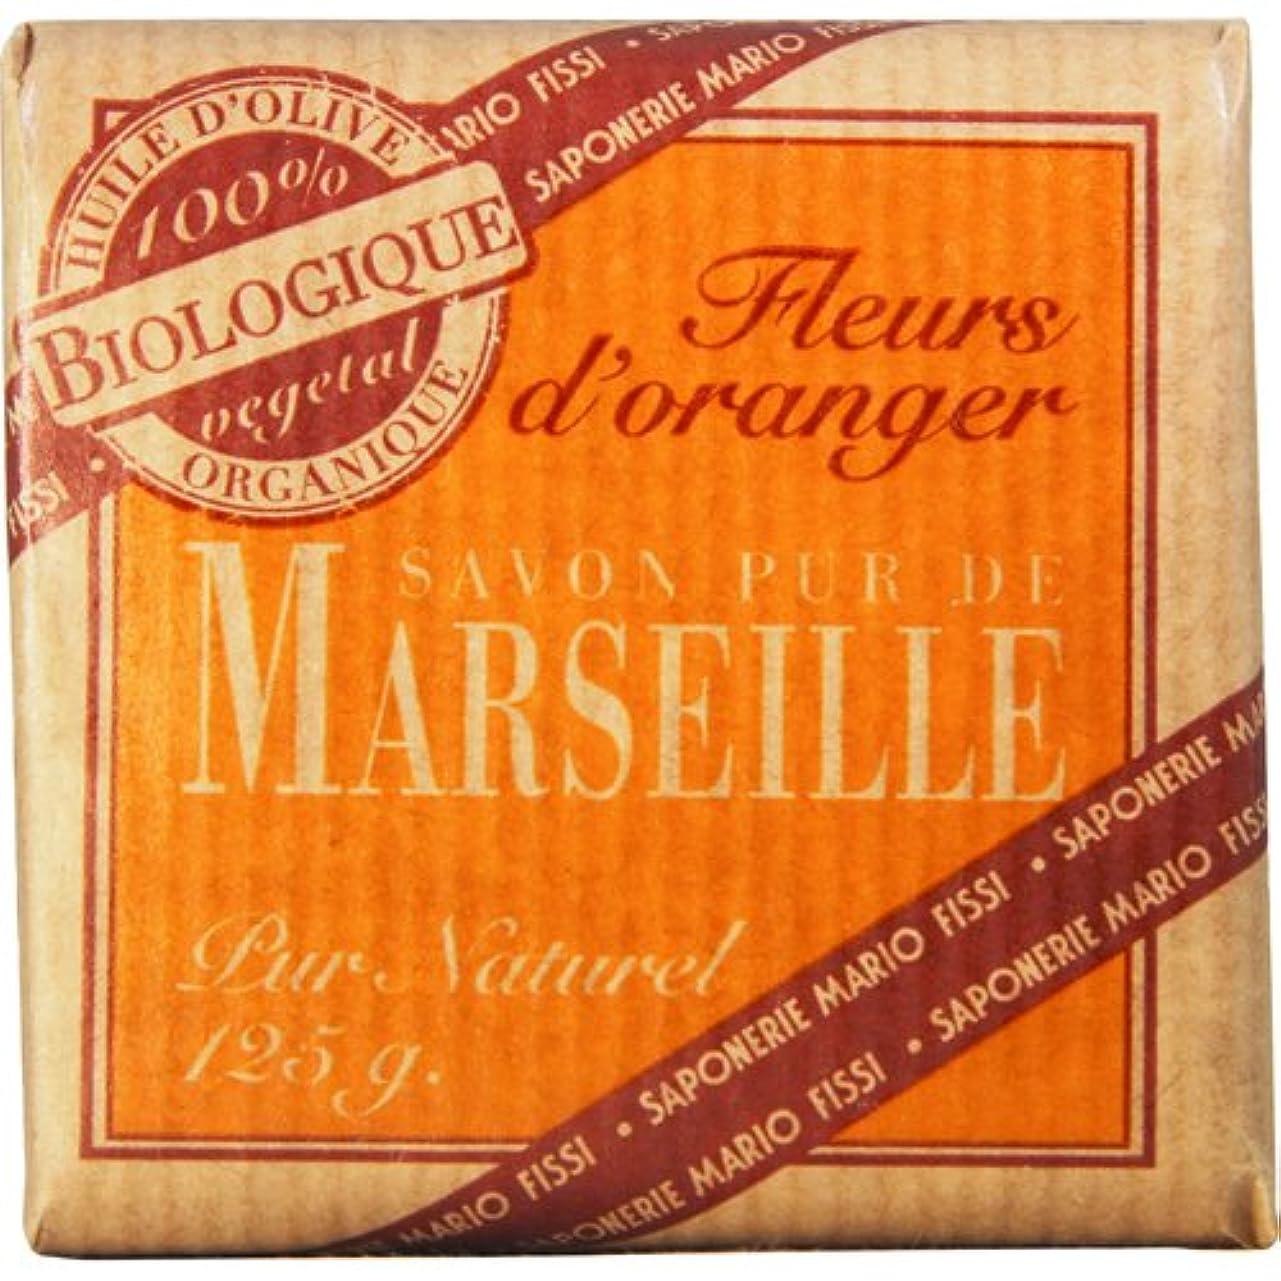 パイプライン先入観ぴかぴかSaponerire Fissi マルセイユシリーズ マルセイユソープ 125g Orange Flower オレンジフラワー